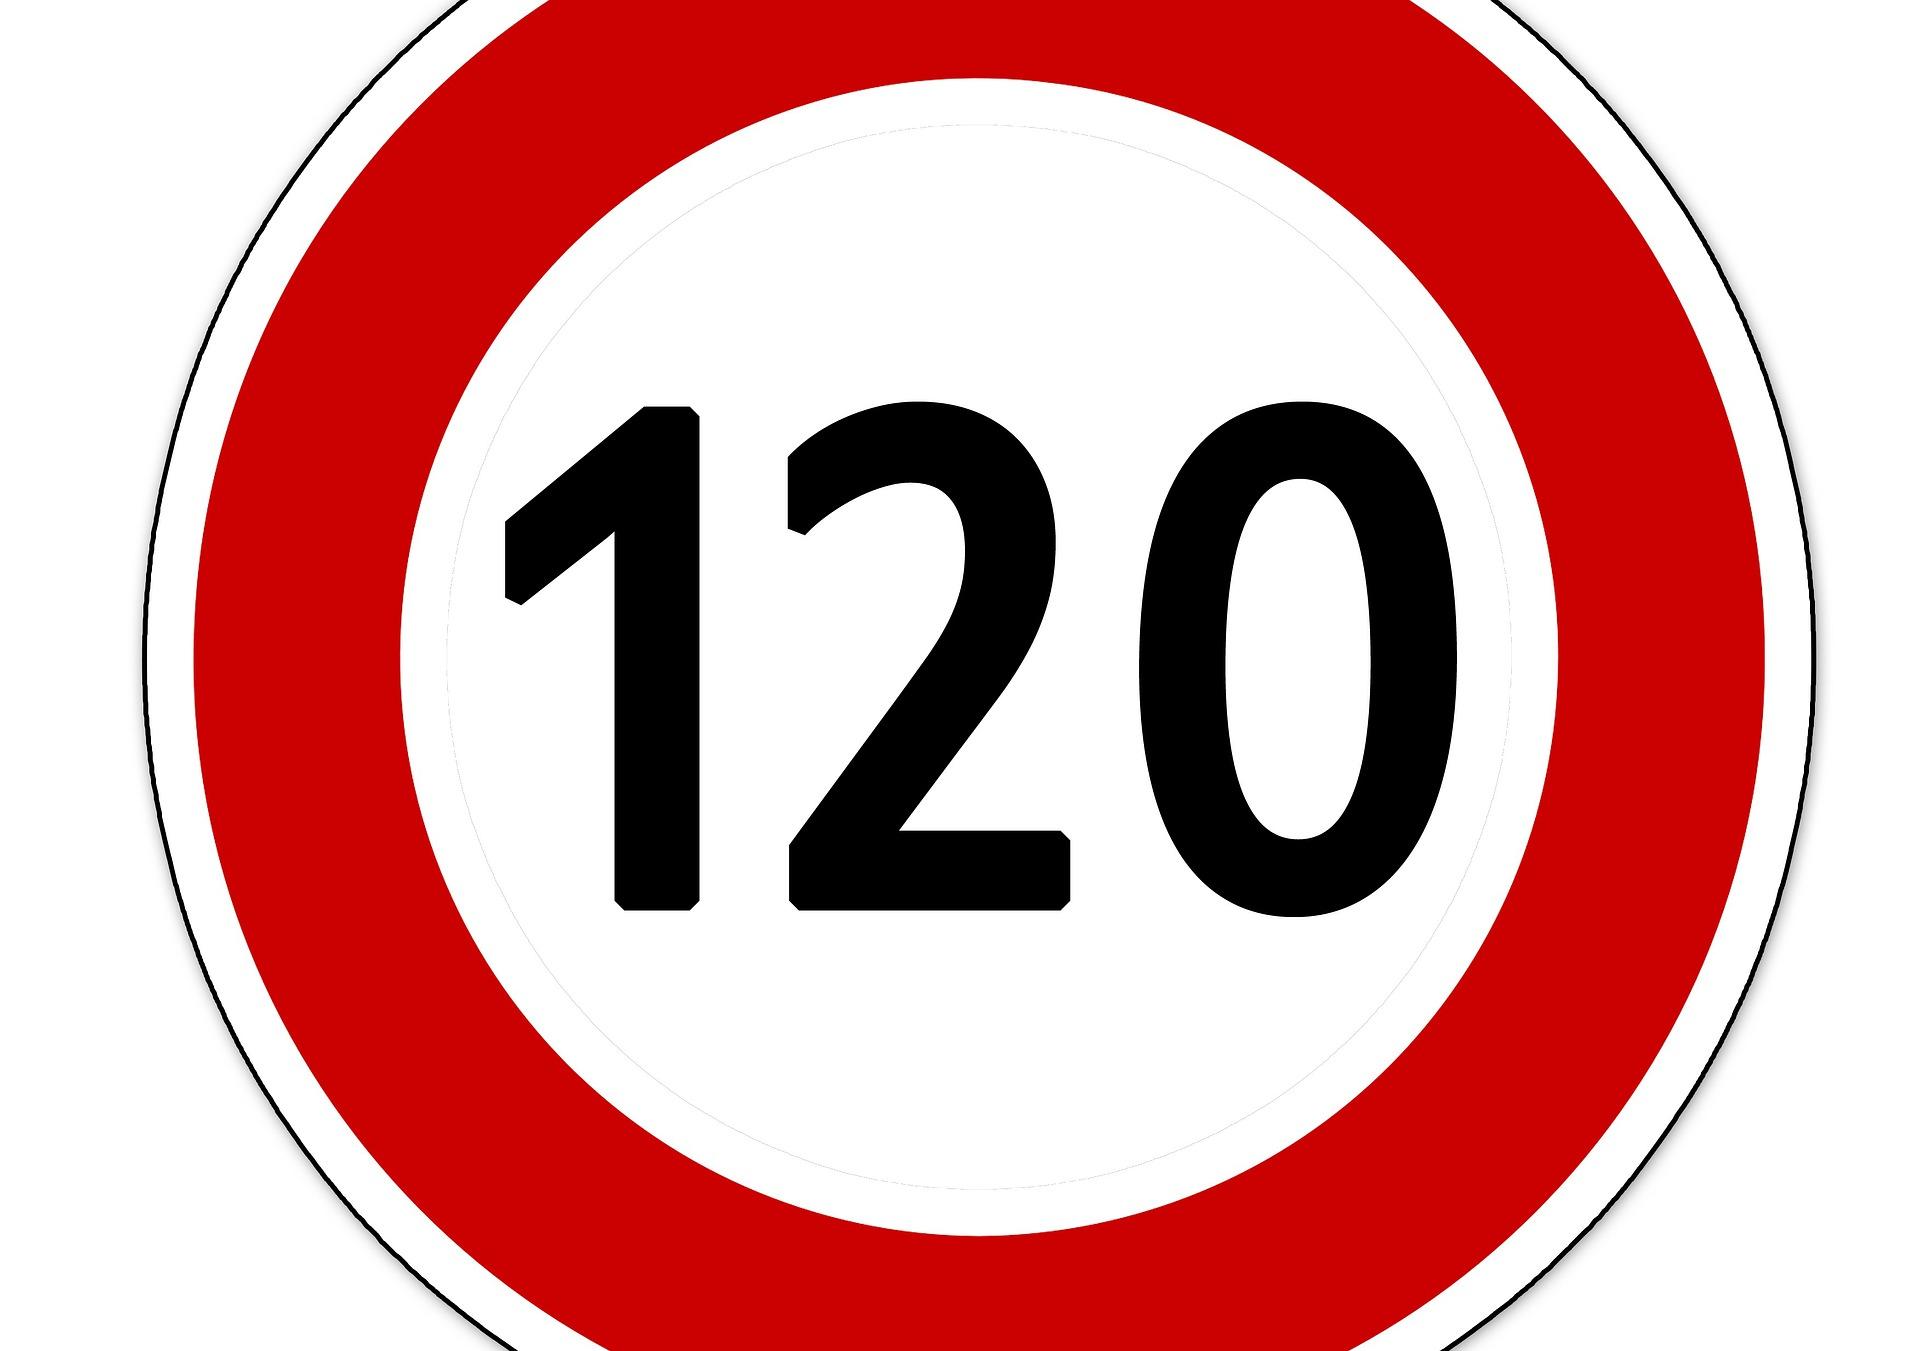 Konsekvensene av 120 km/t på motorveiene